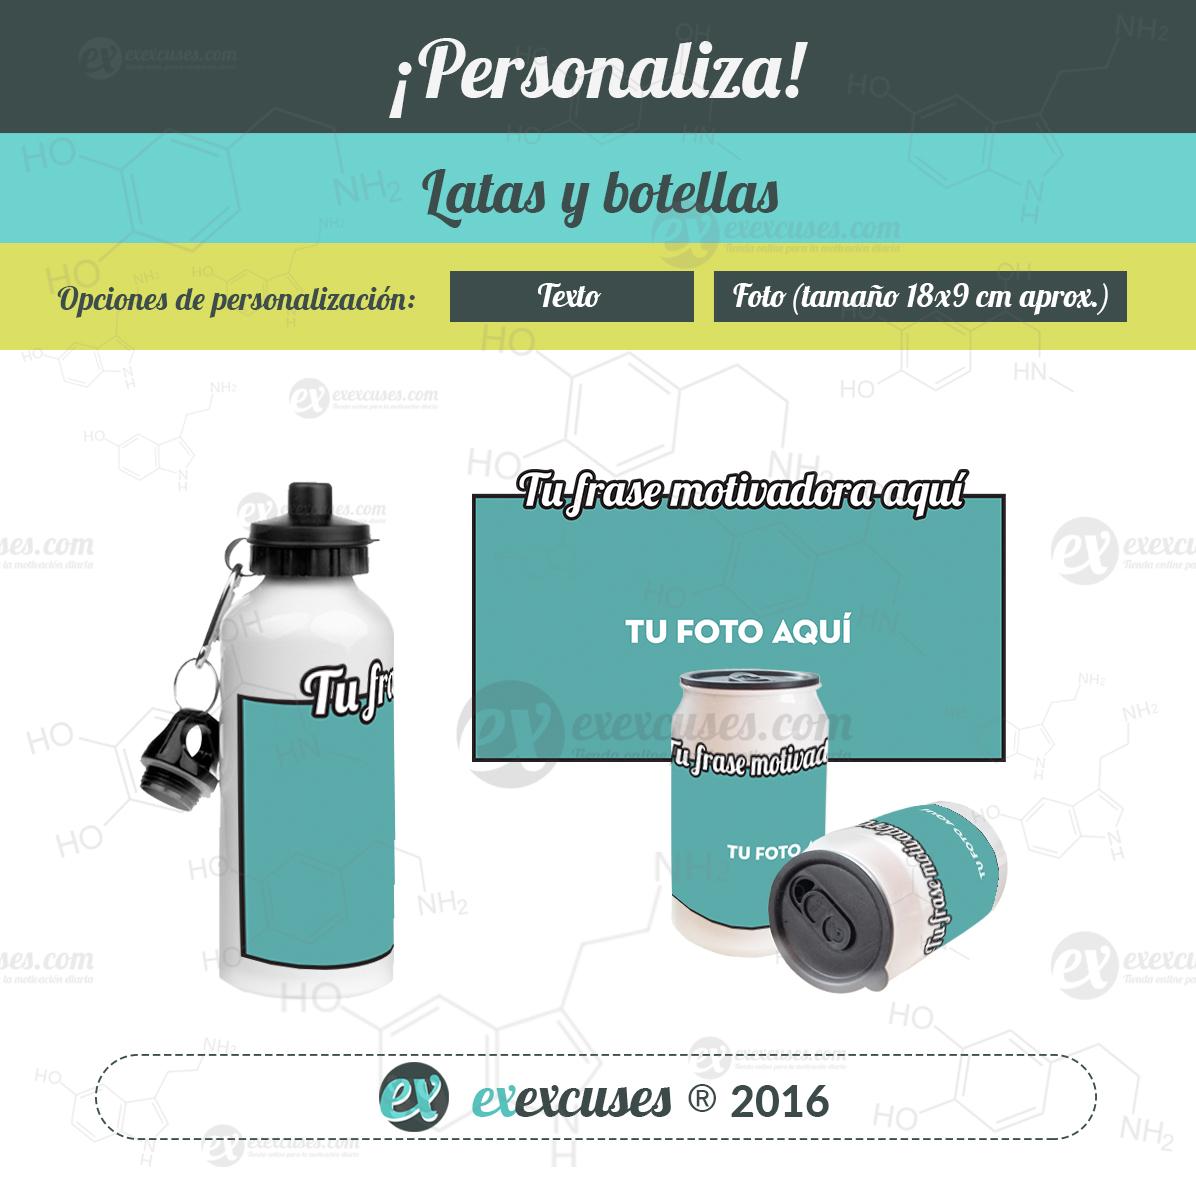 Latas y botellas personalizadas exexcuses®